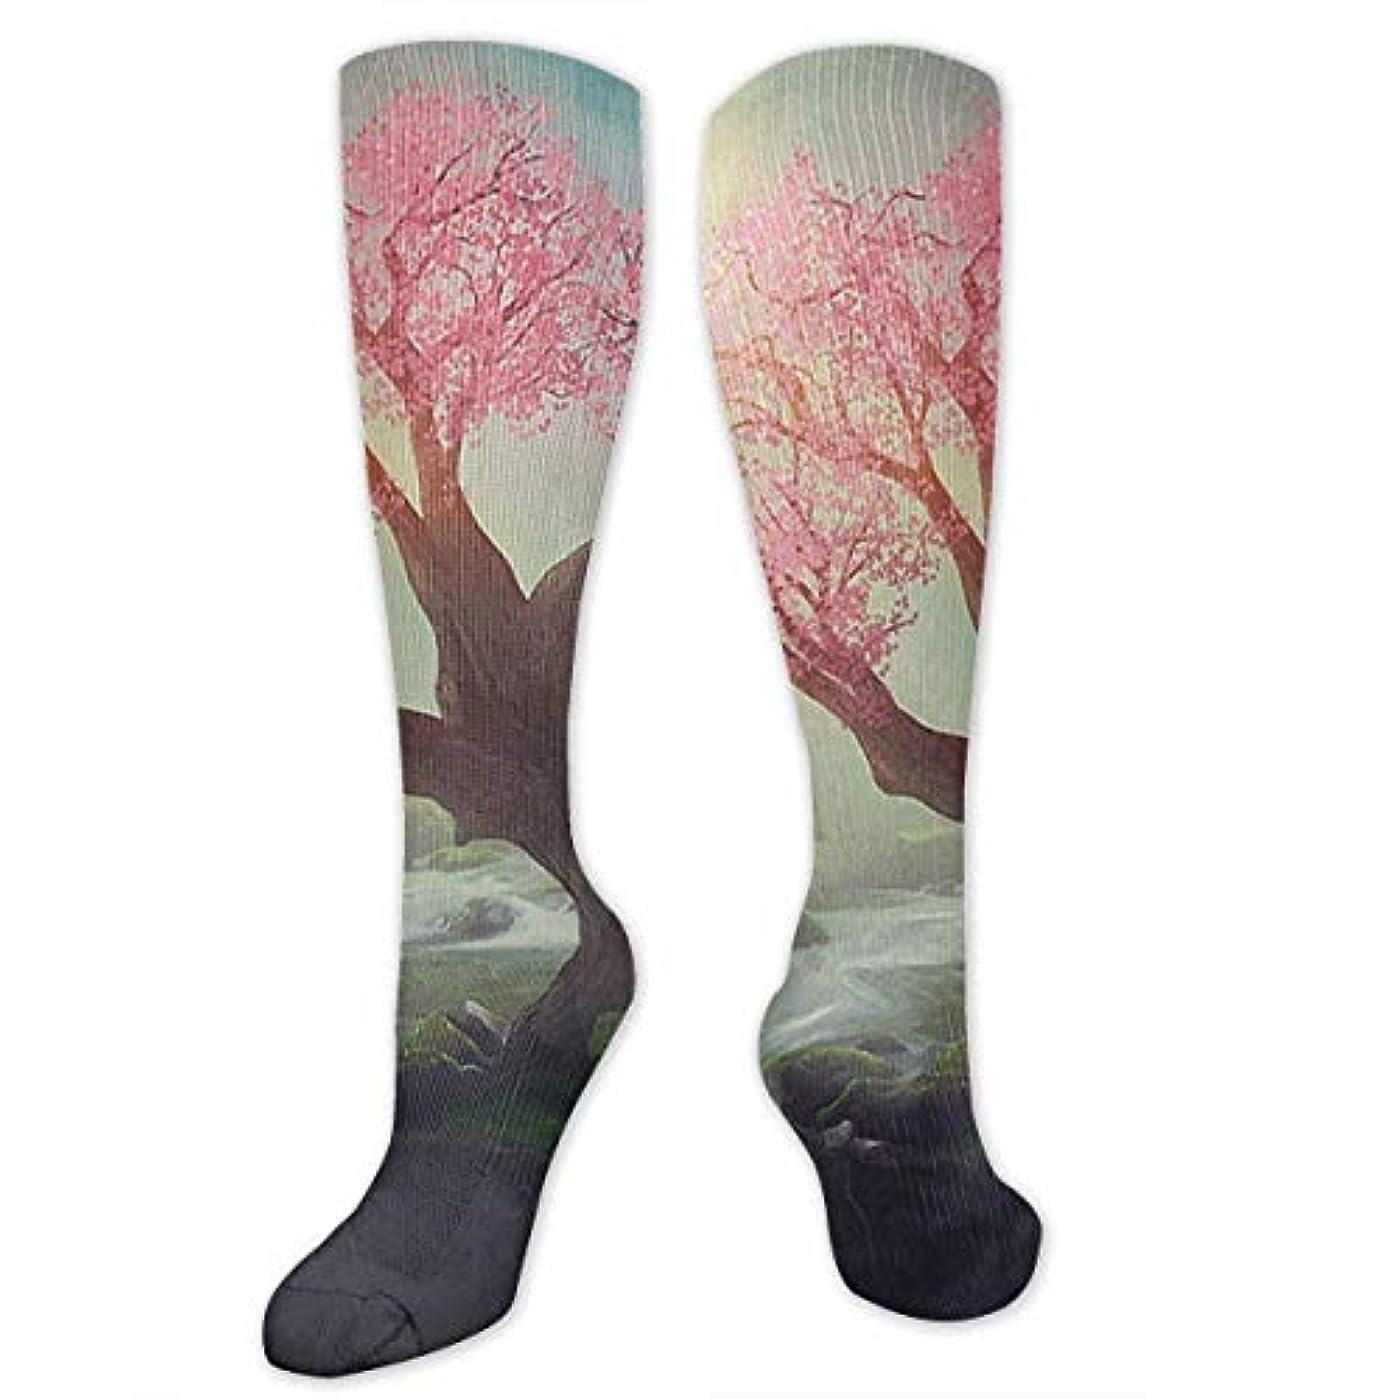 いつも不十分な分離する靴下,ストッキング,野生のジョーカー,実際,秋の本質,冬必須,サマーウェア&RBXAA Peach Tree in The Forest Socks Women's Winter Cotton Long Tube Socks...